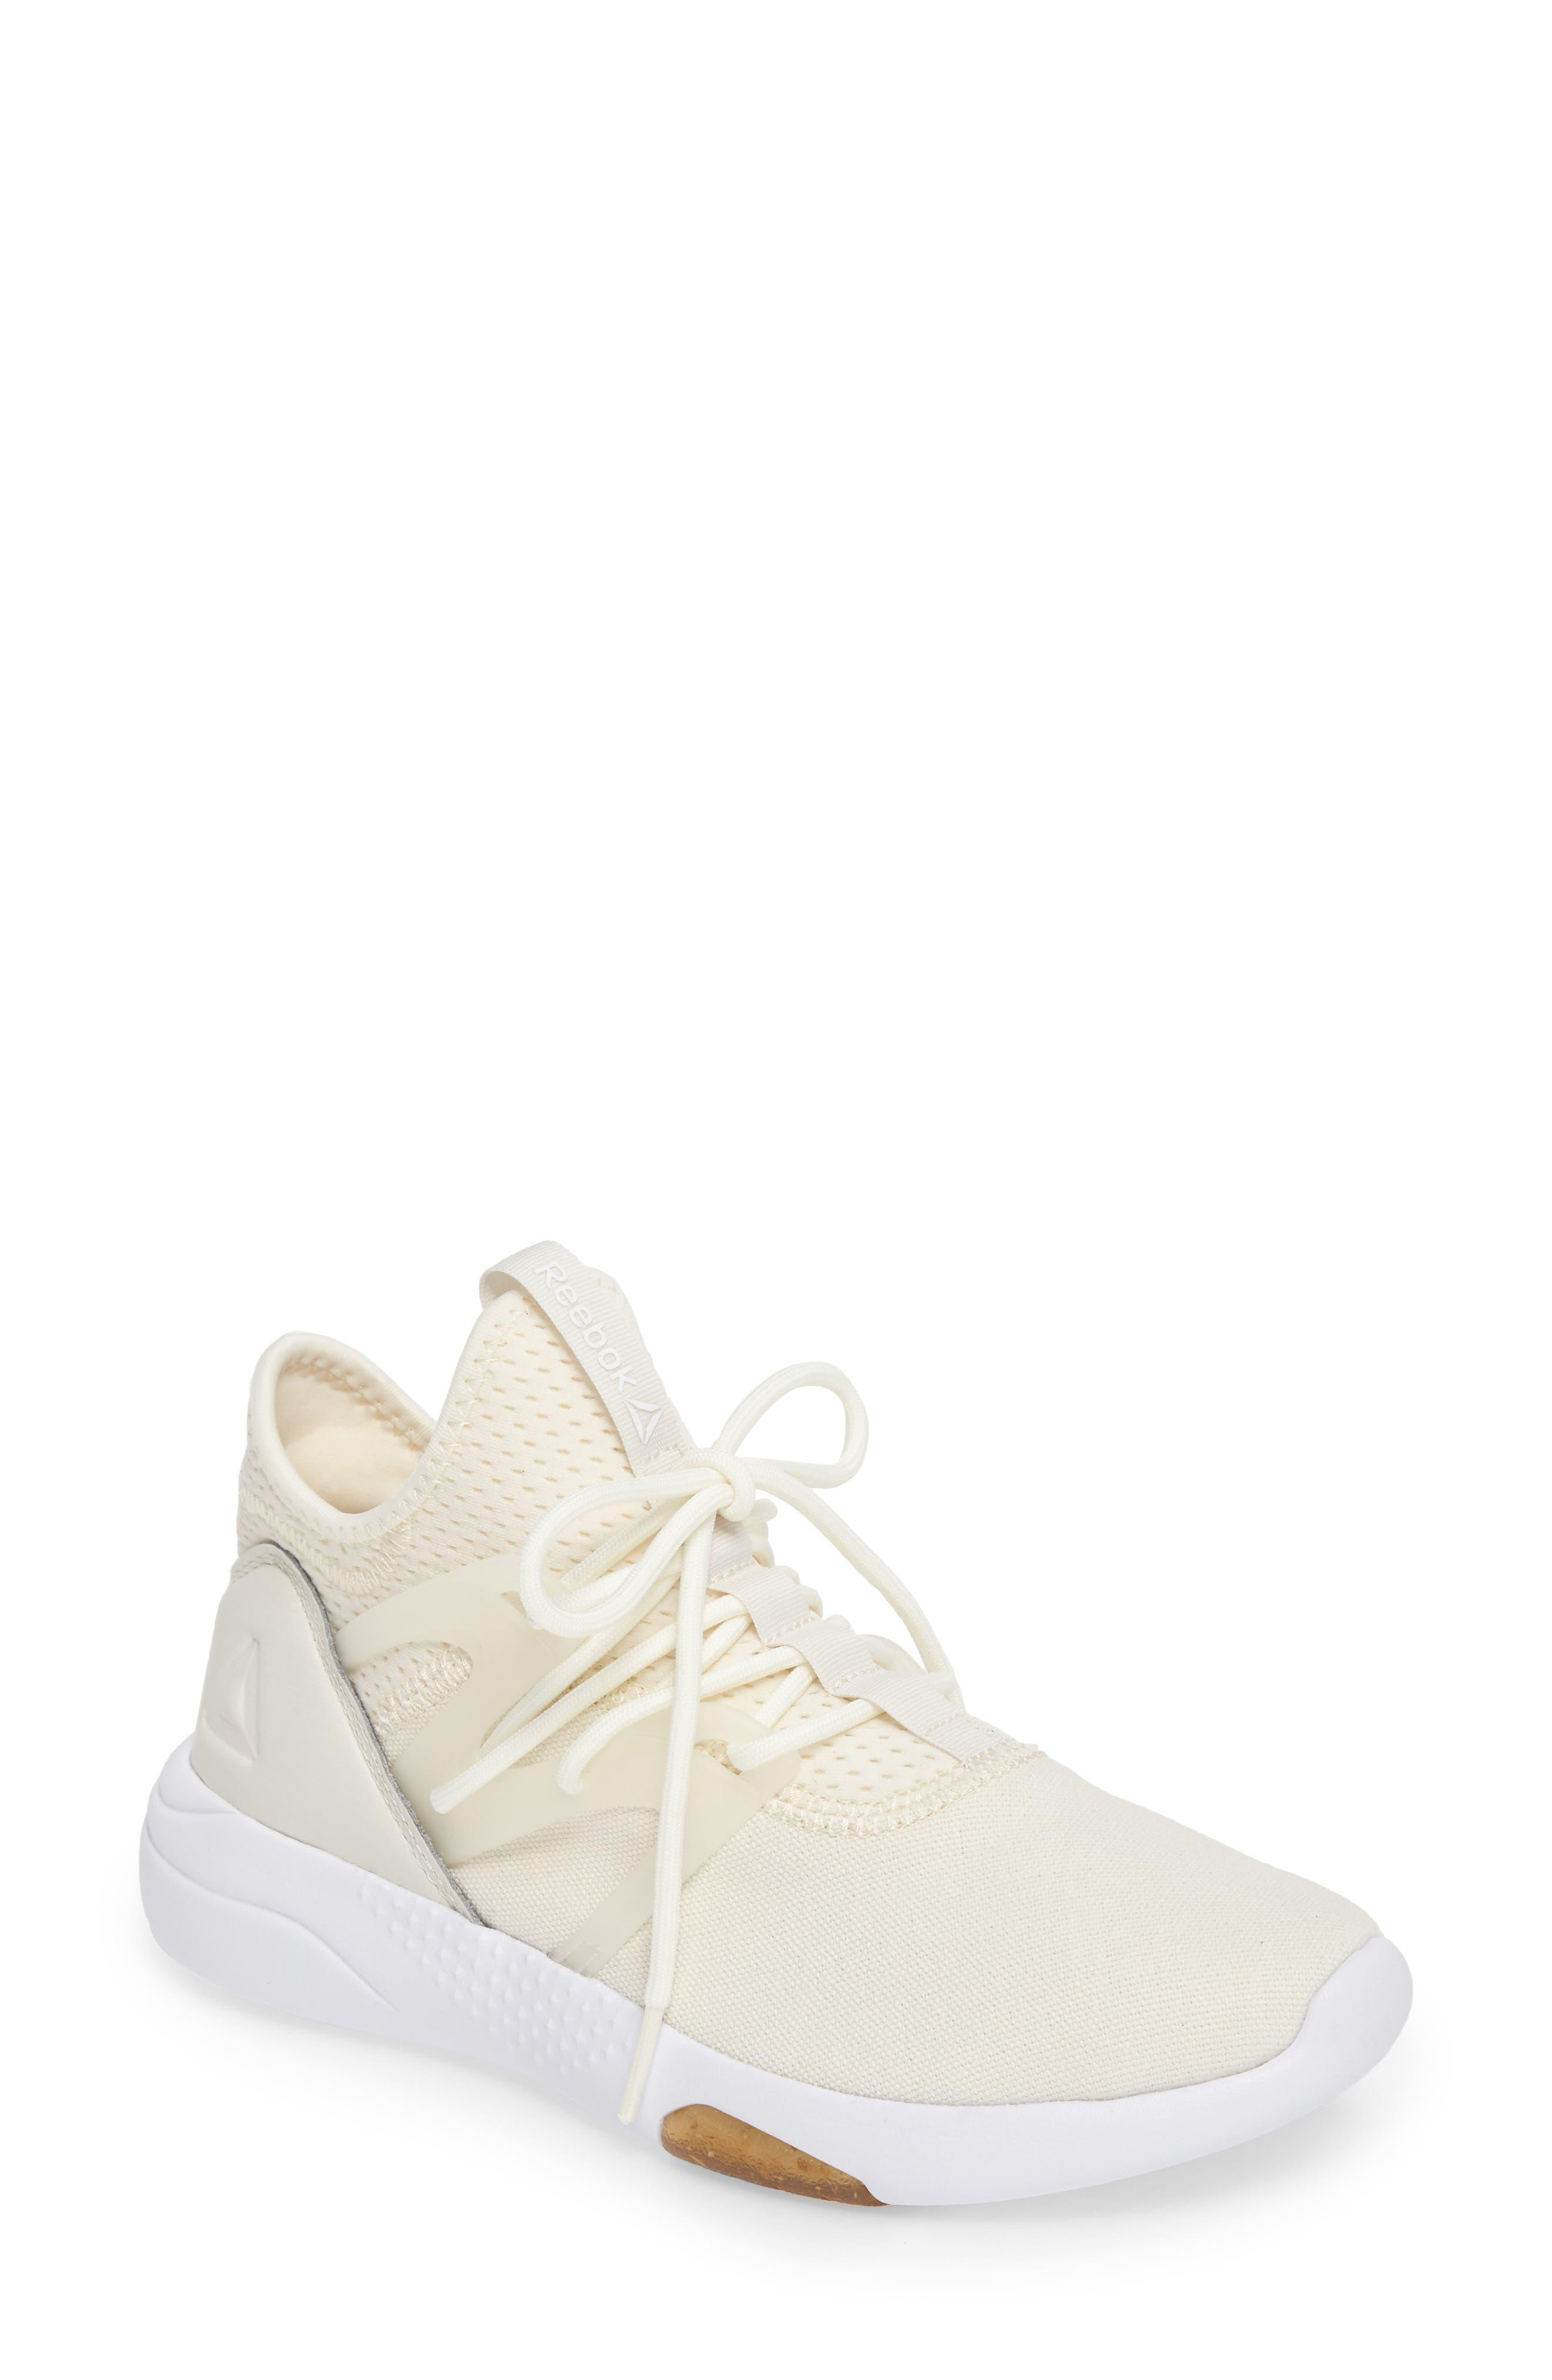 Alternate Image 1 Selected - Reebok 'Hayasu' Training Shoe (Women)